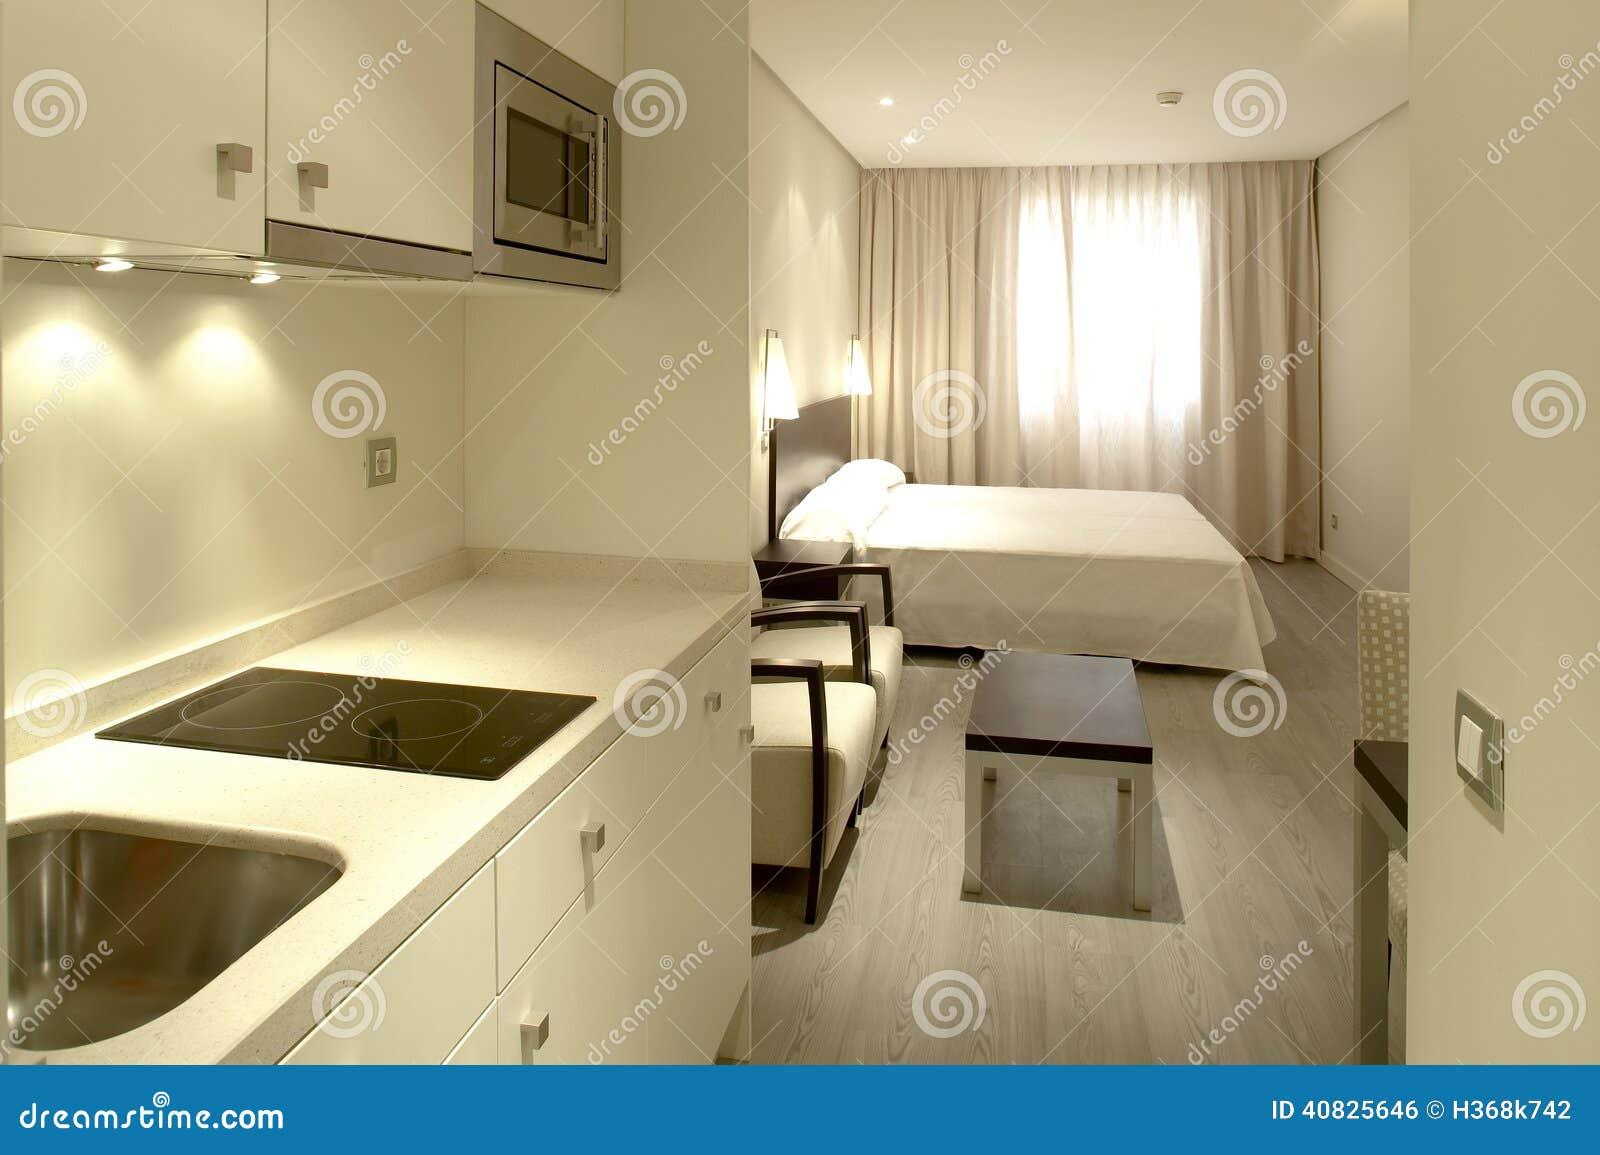 Int rieur d 39 appartement avec la cuisine et la chambre - Chambre d hotel avec cuisine ...